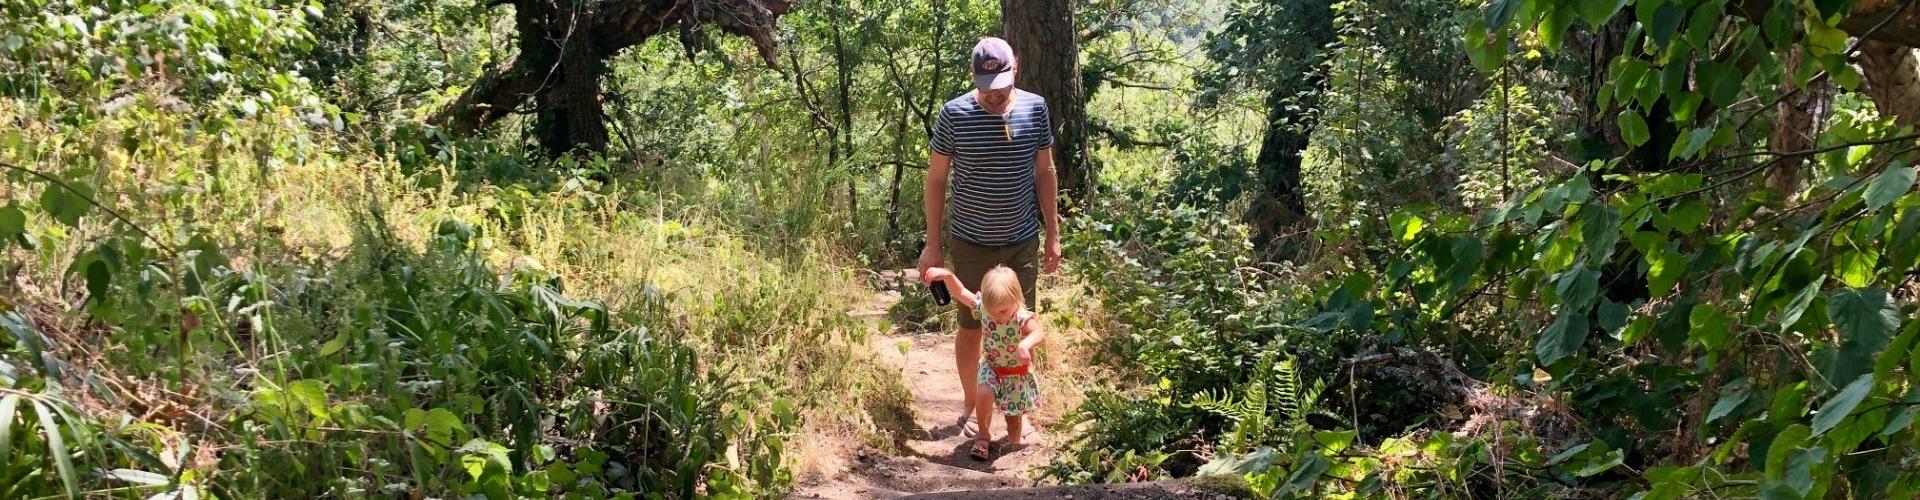 Vakantie in de Auvergne met kinderen